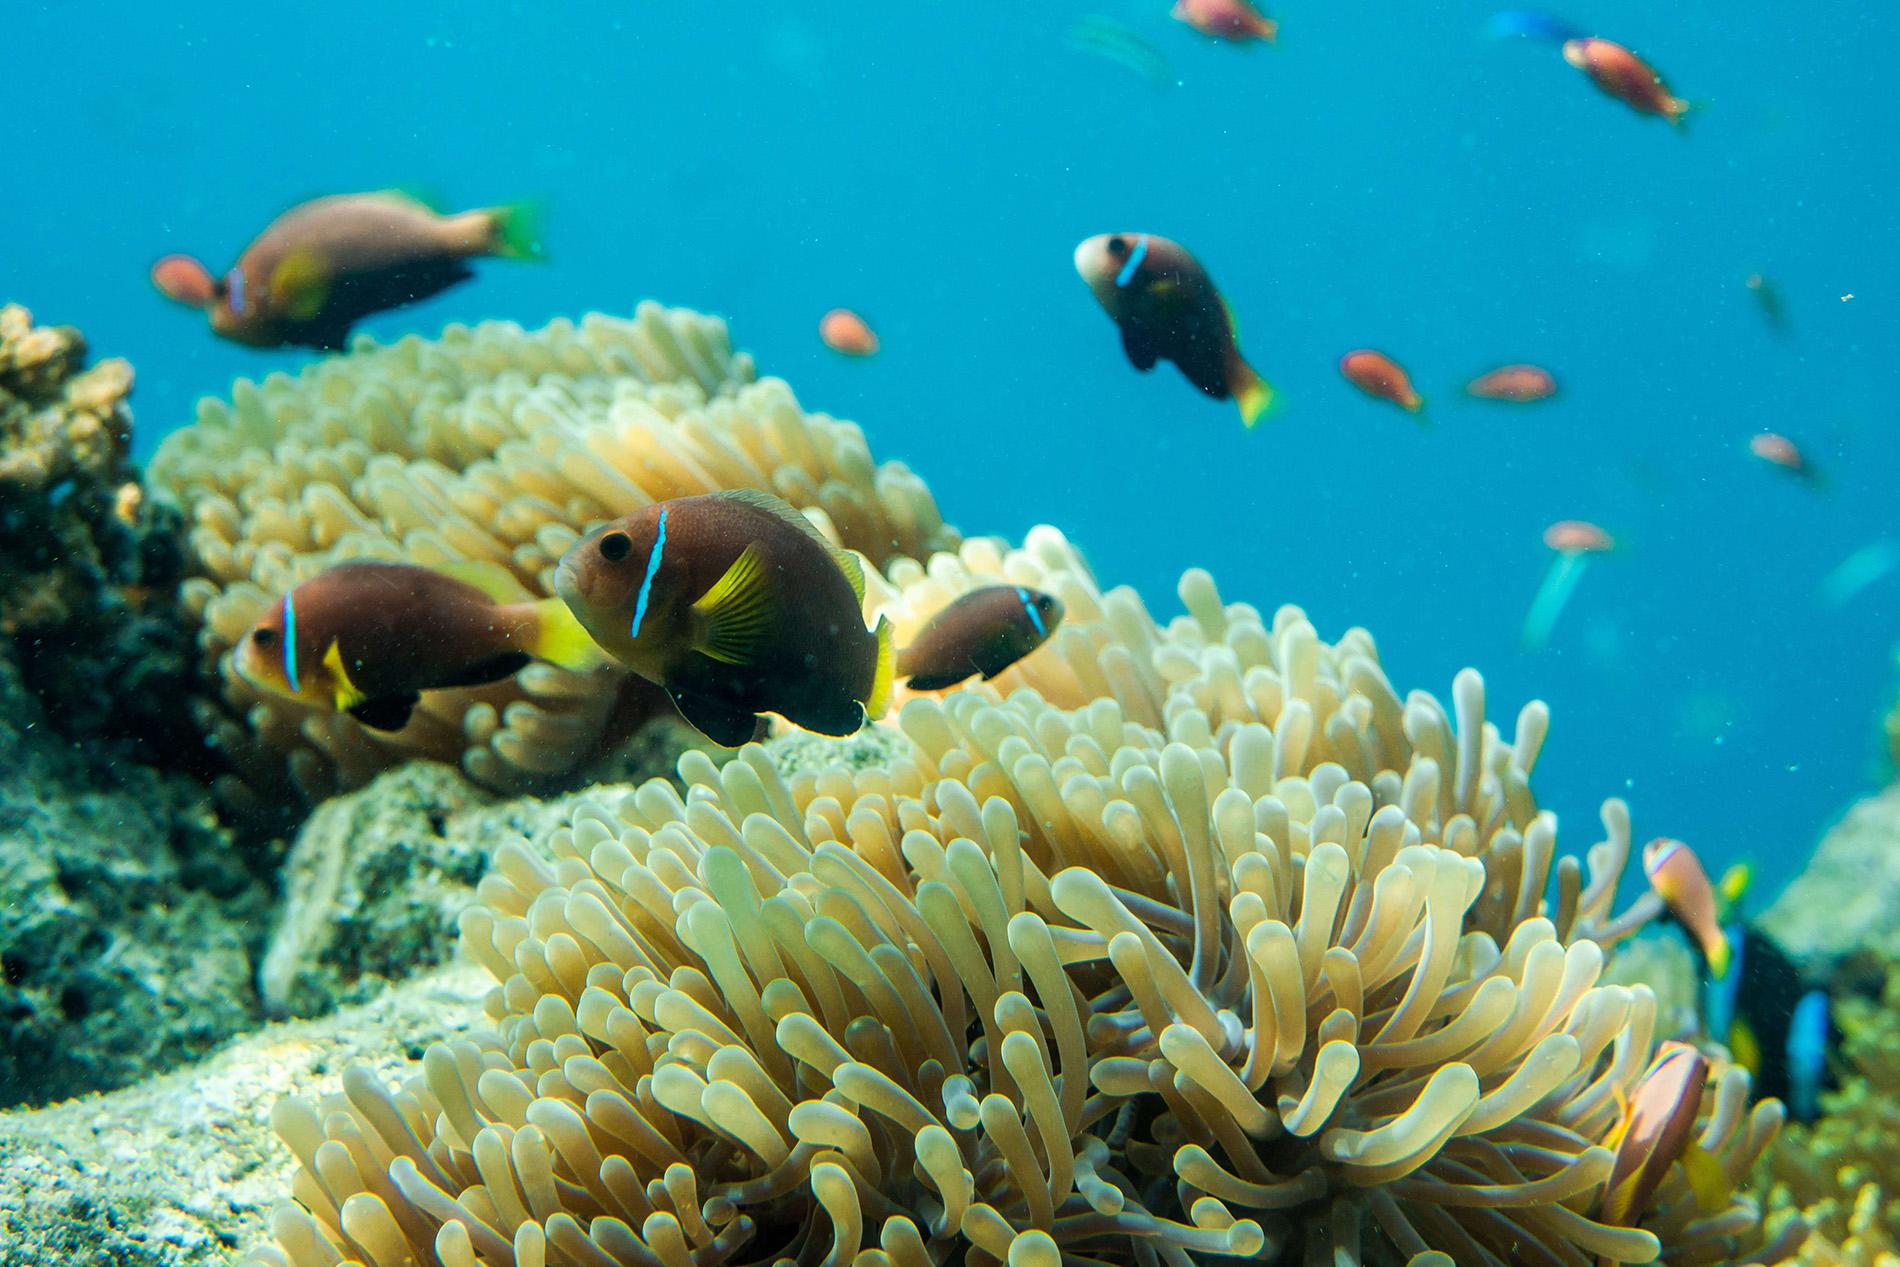 Biện pháp xử lí nước giúp cá phát triển bình thường